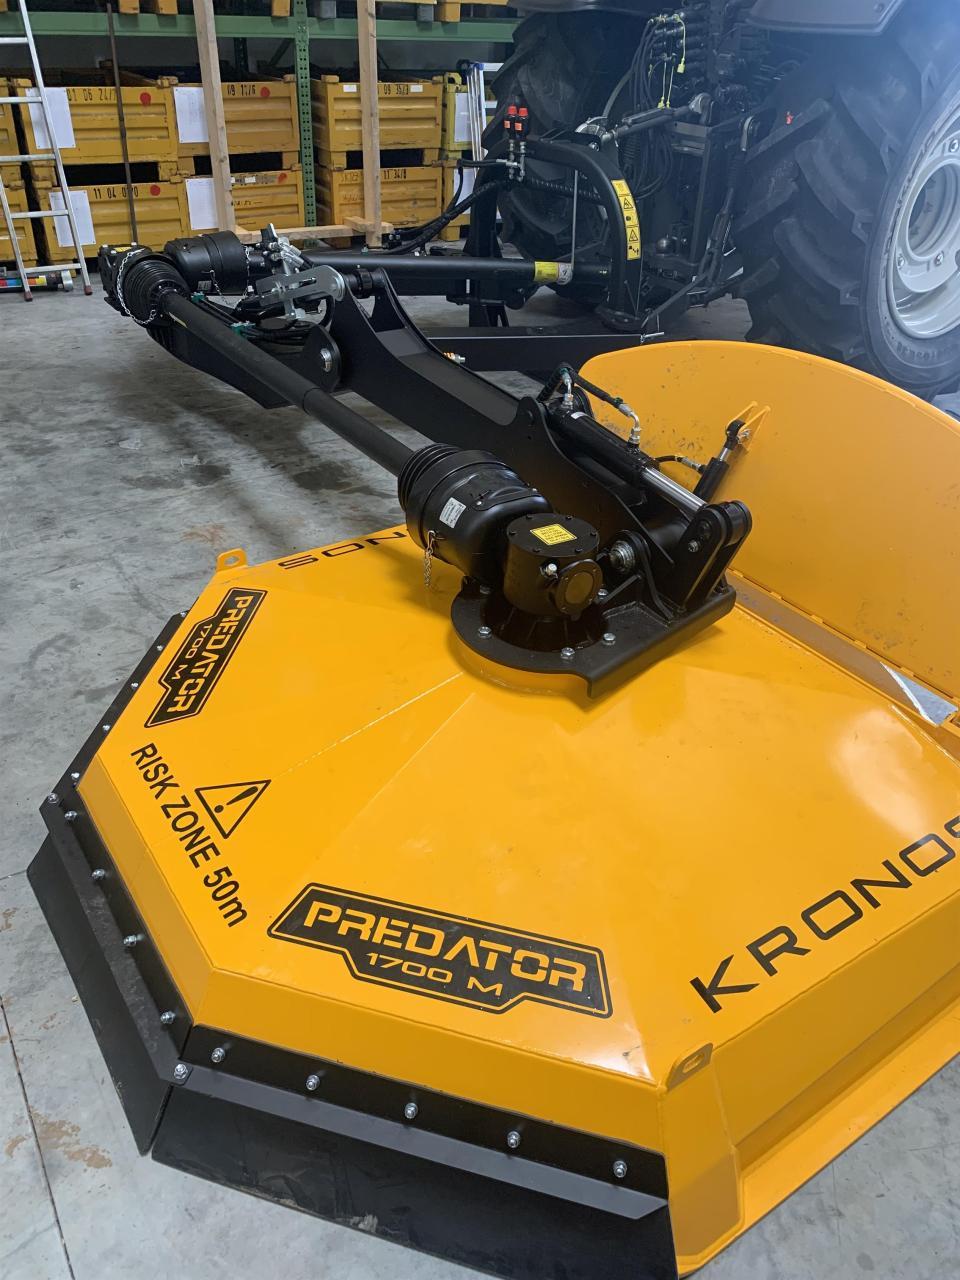 Kronseder Predator 1700M